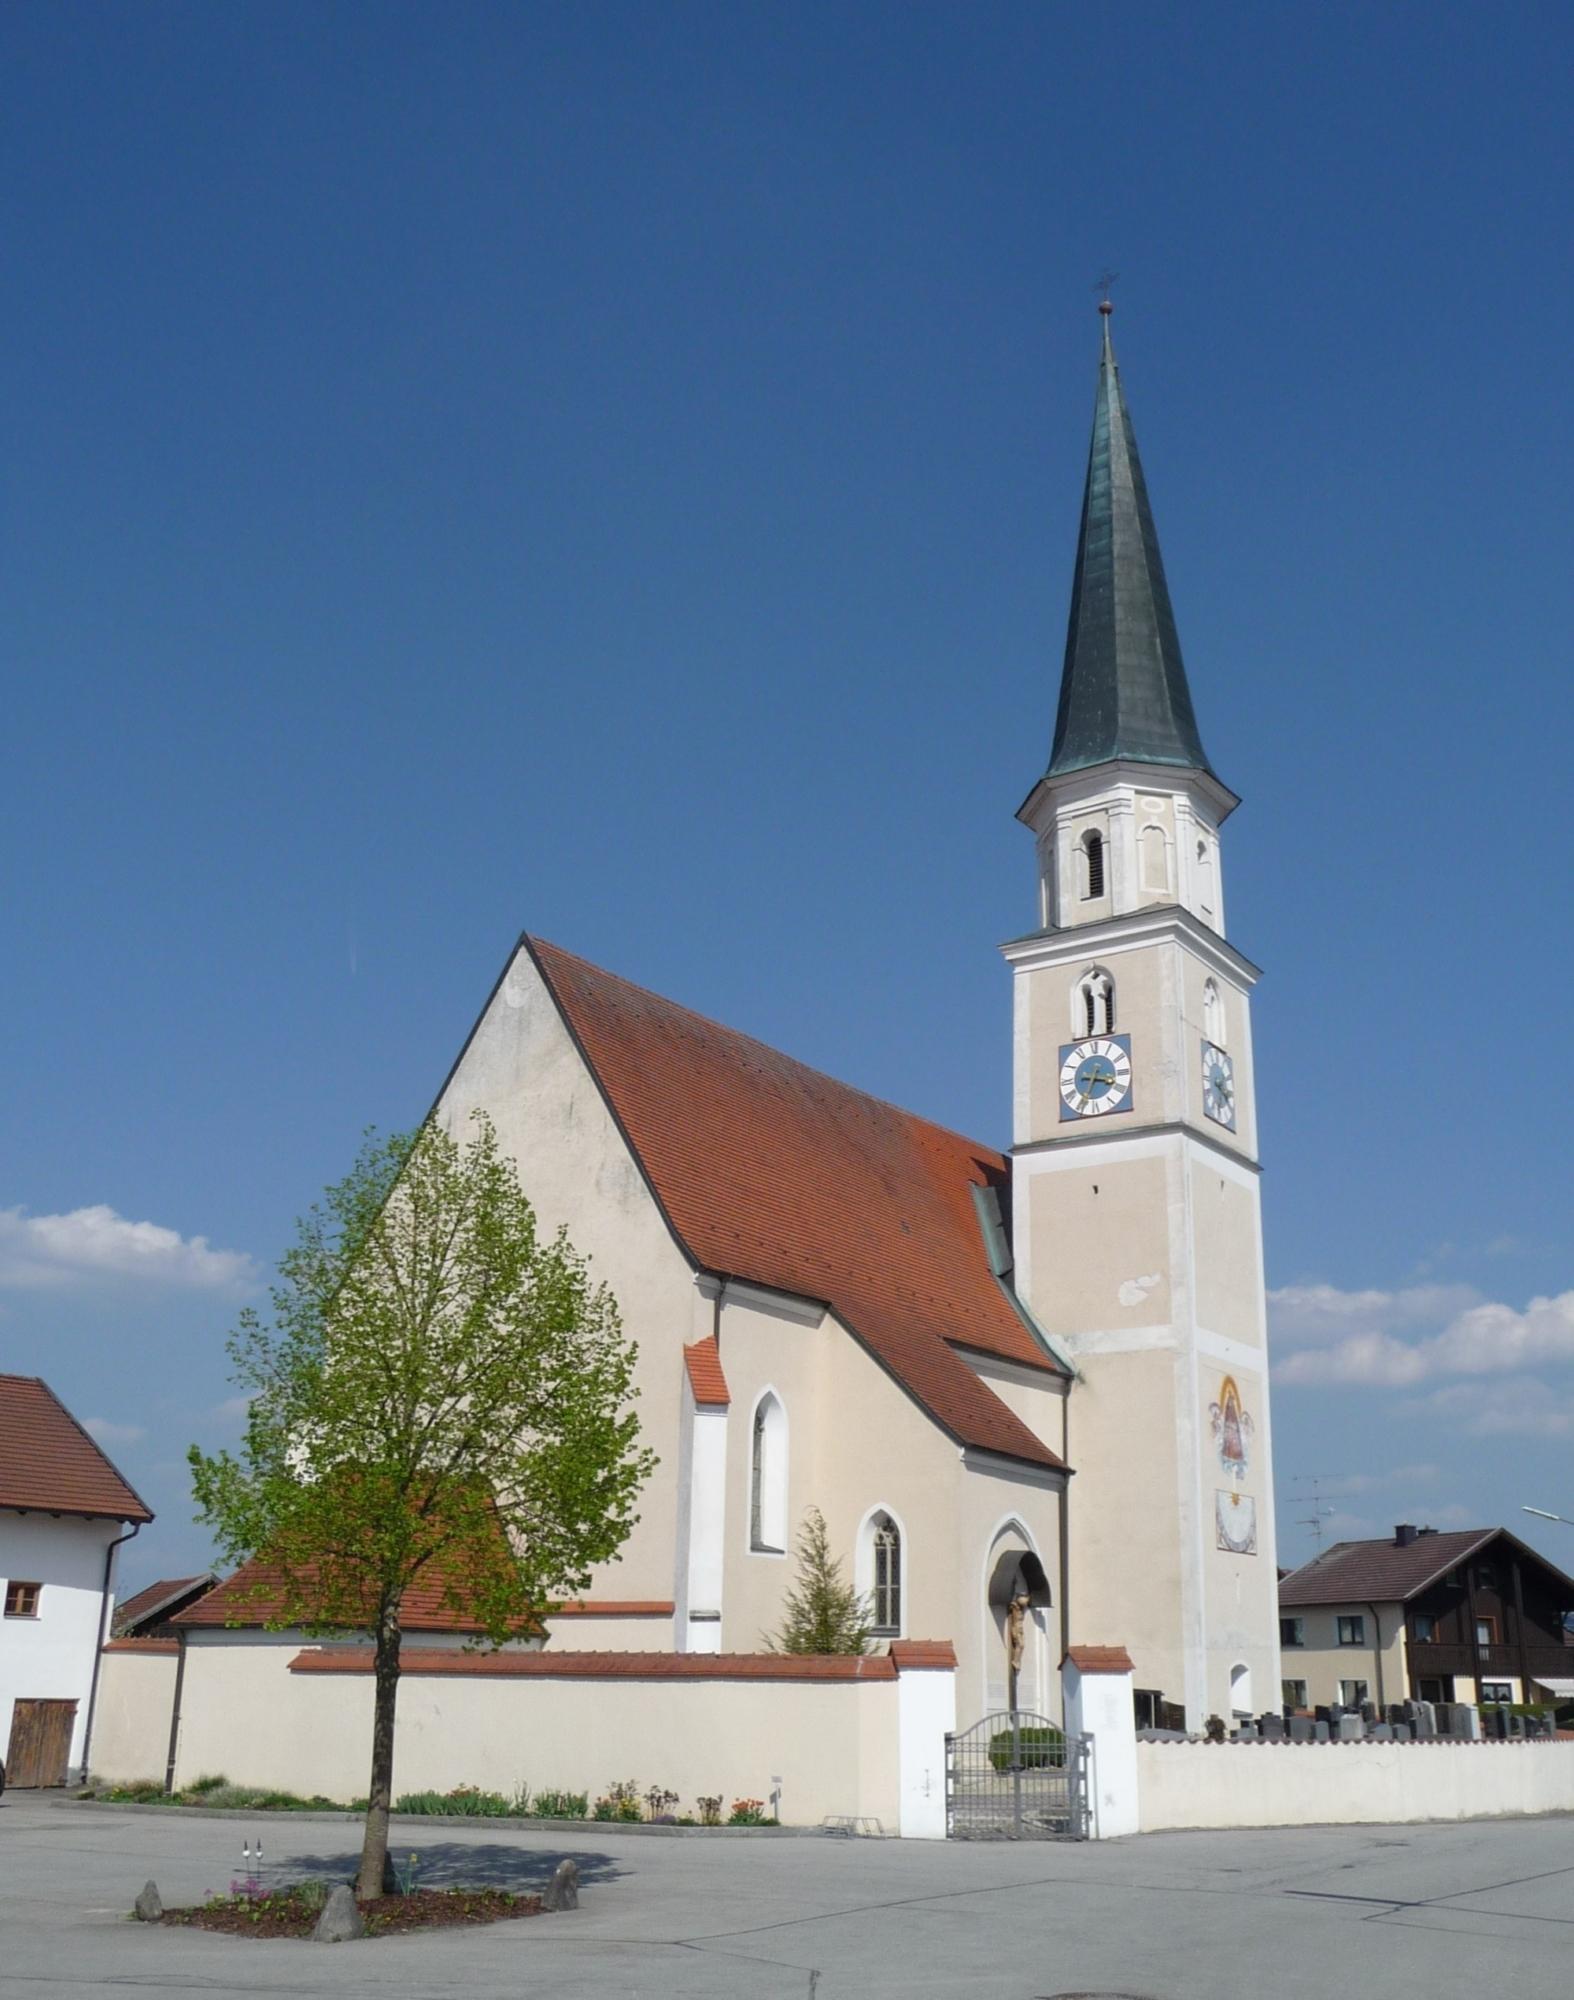 Pfarrkirche Uttigkofen